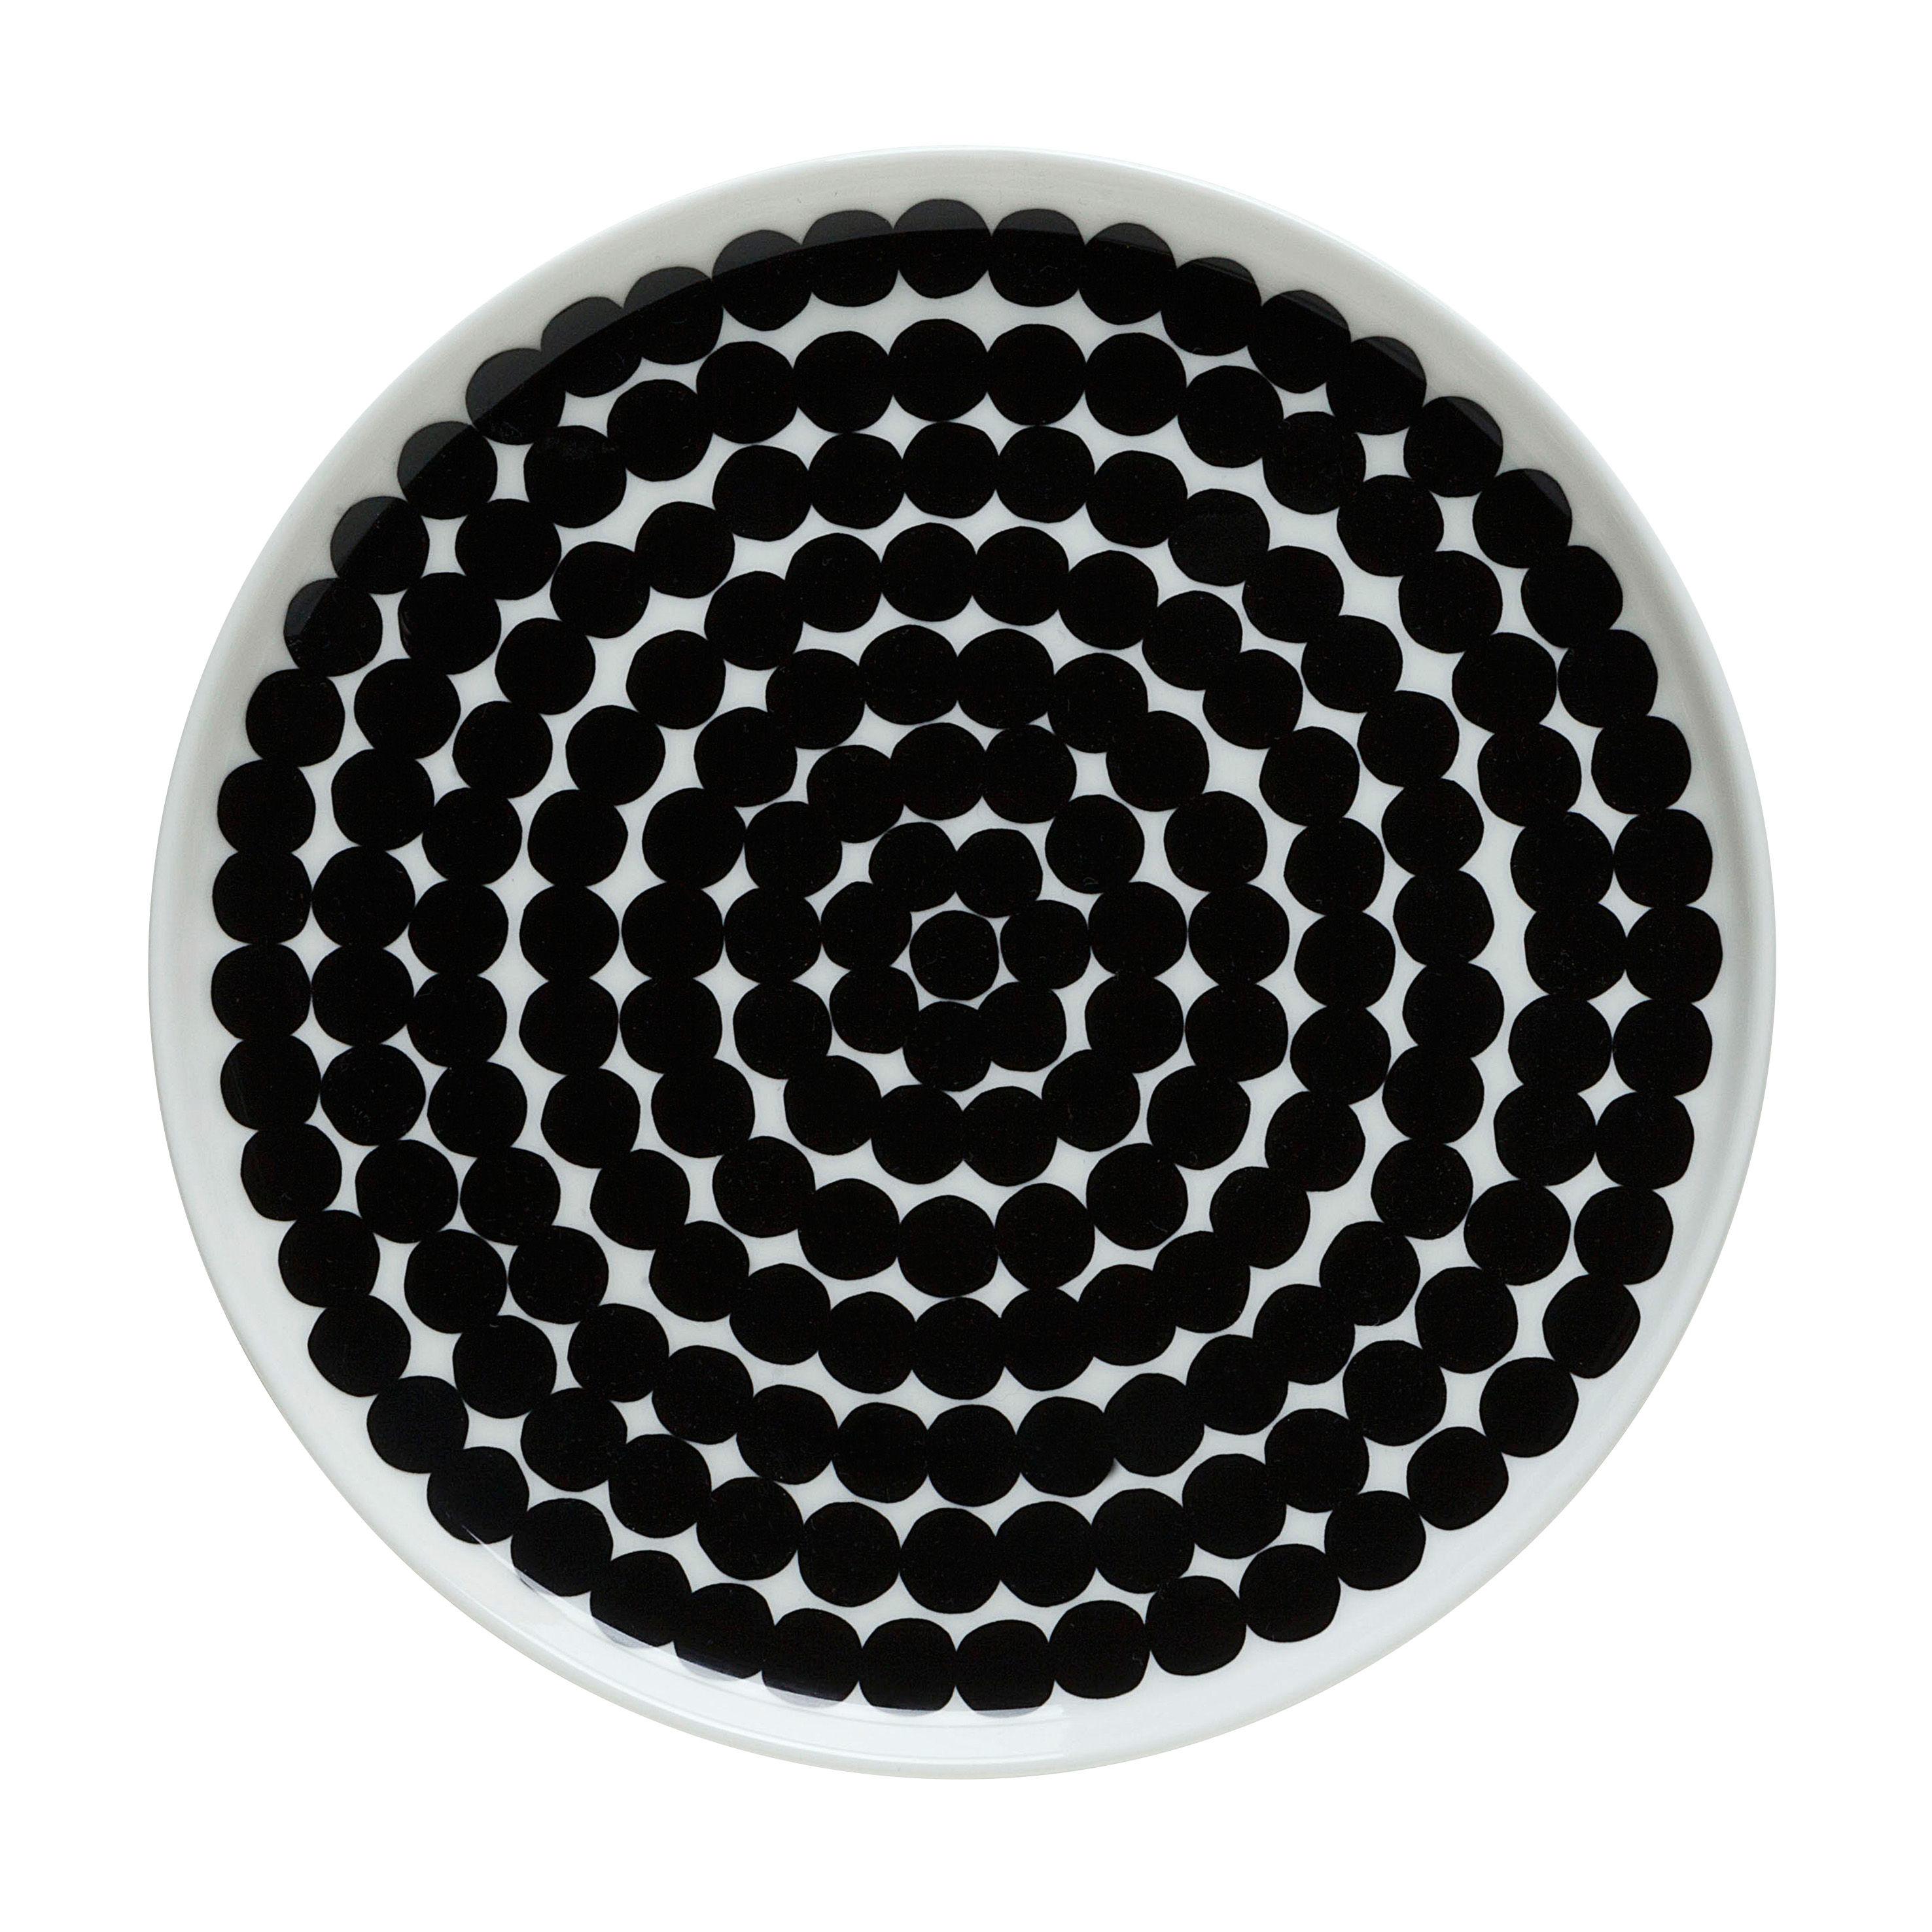 Arts de la table - Assiettes - Assiette à dessert Räsymatto / Ø 20 cm - Marimekko - Räsymatto / Blanc & noir - Porcelaine